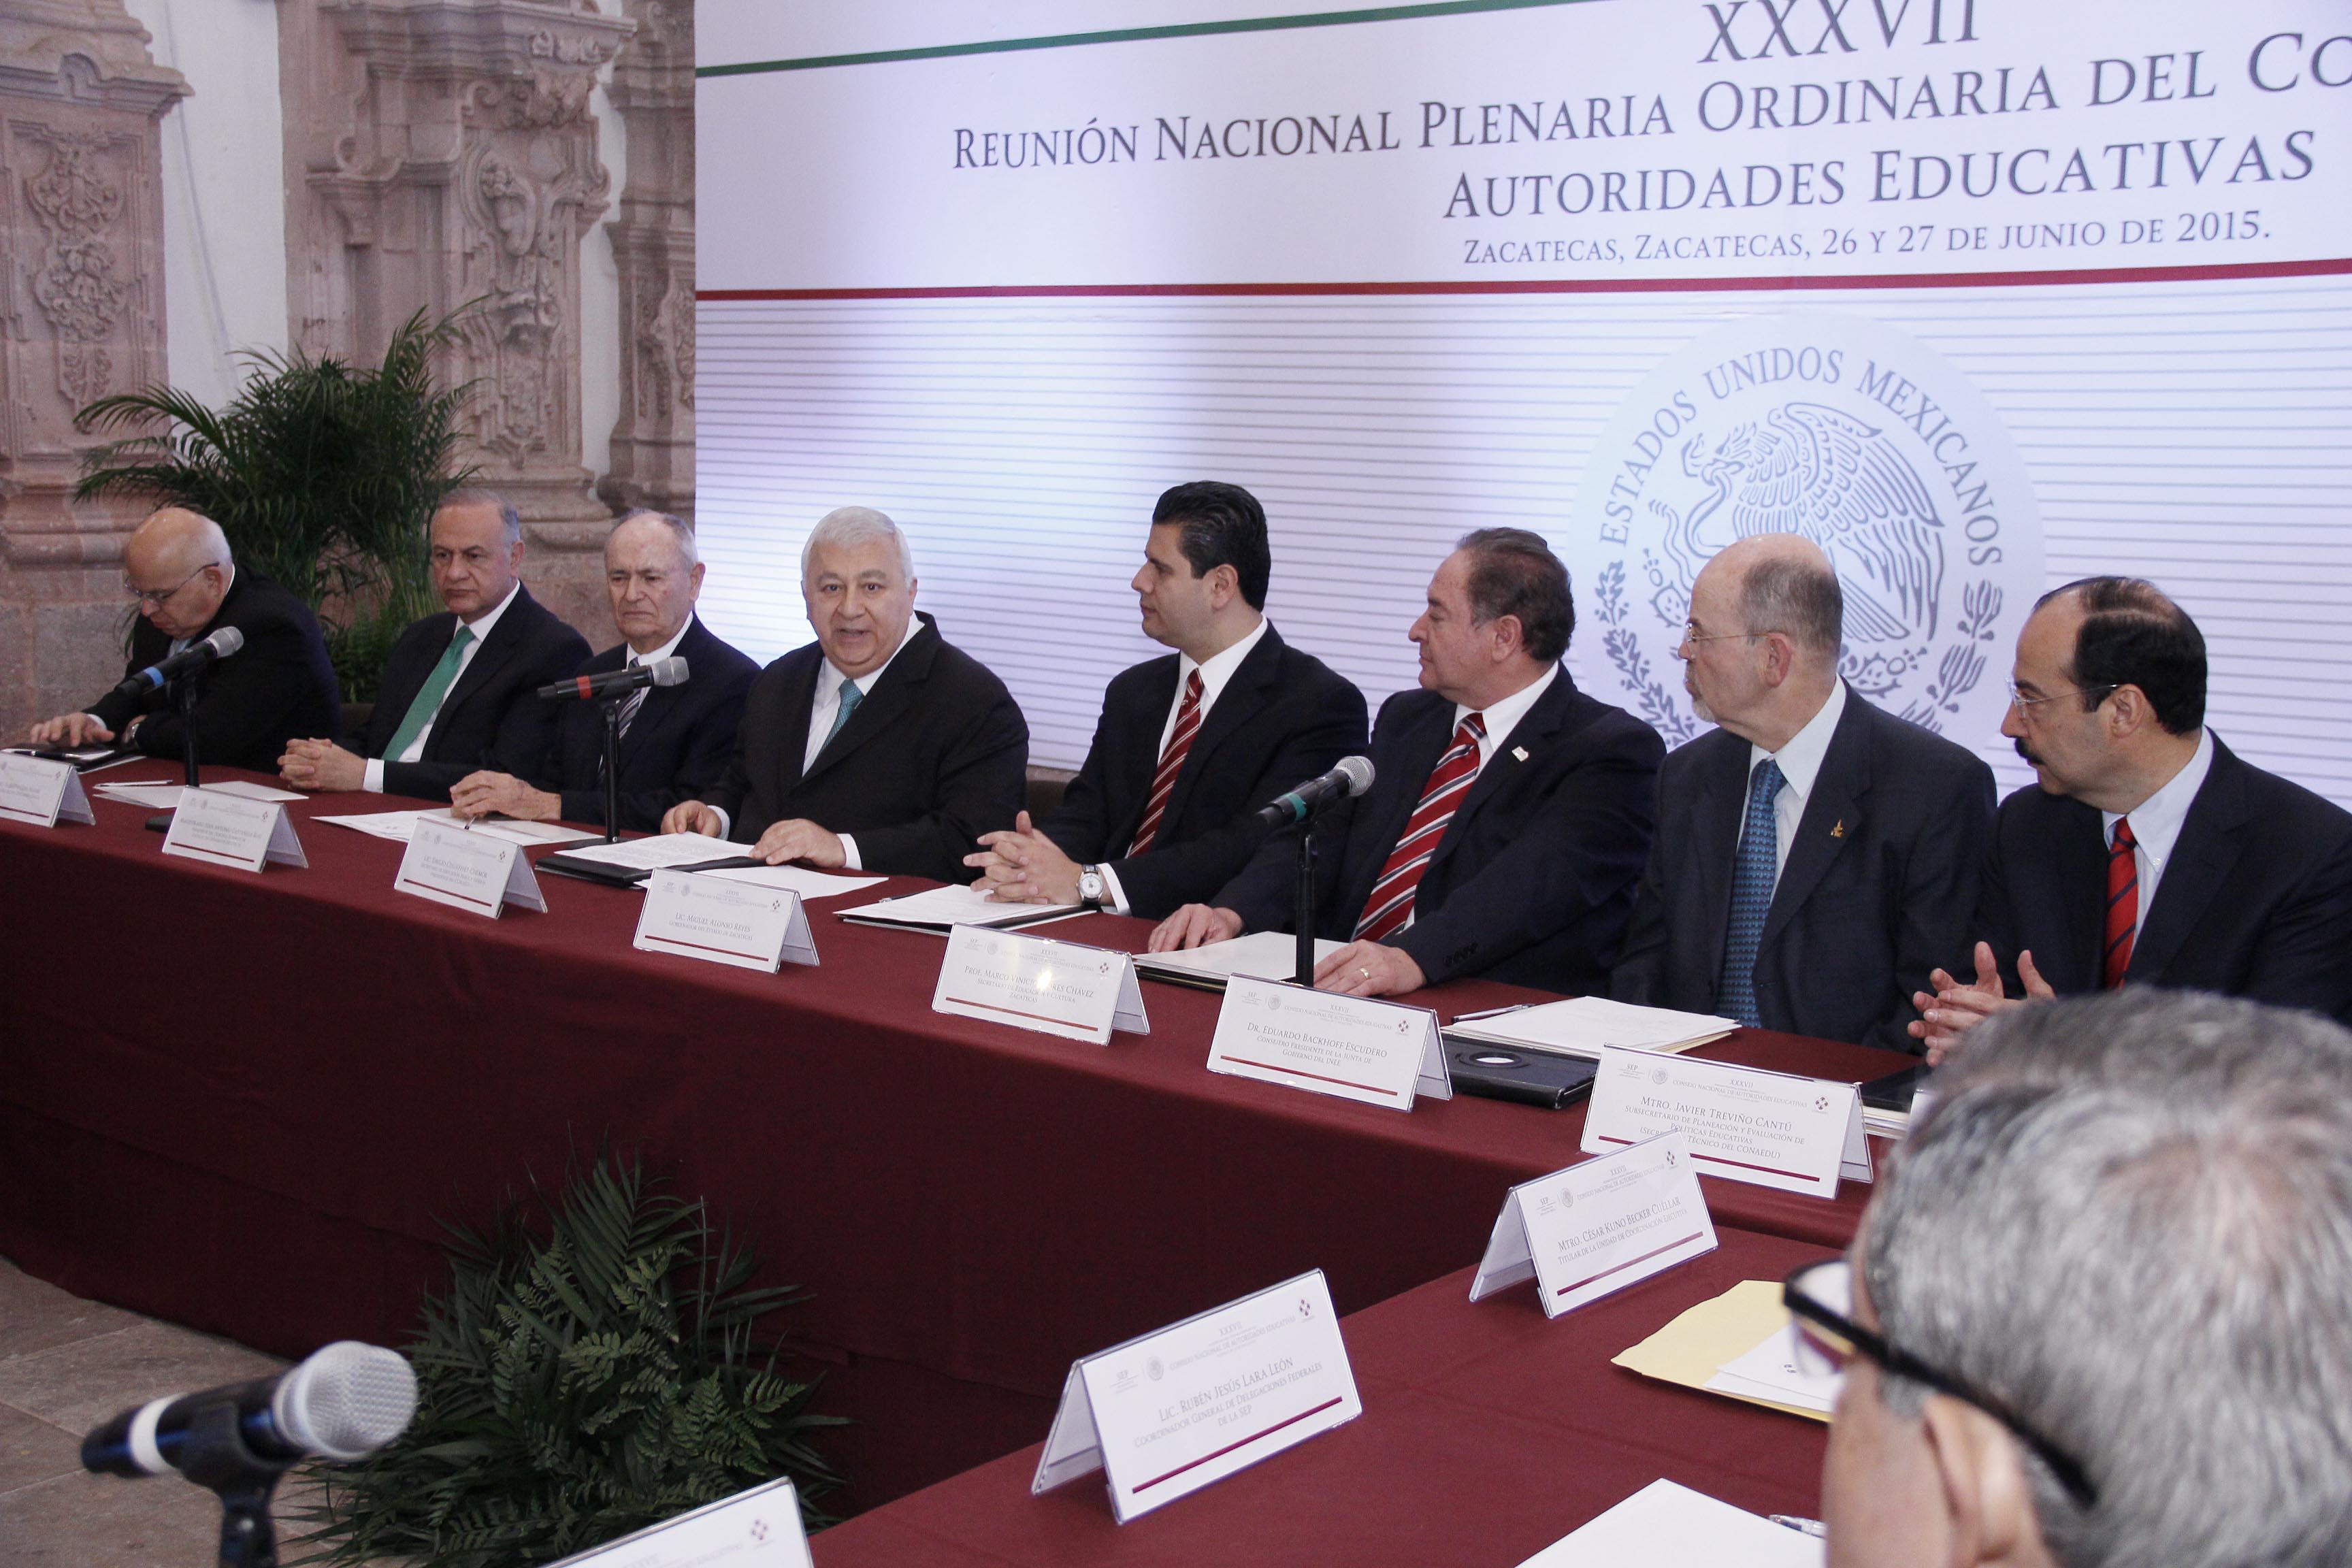 El secretario de Educación pública inauguró la XXXVII Reunión Nacional Plenaria Ordinaria del Conaedu